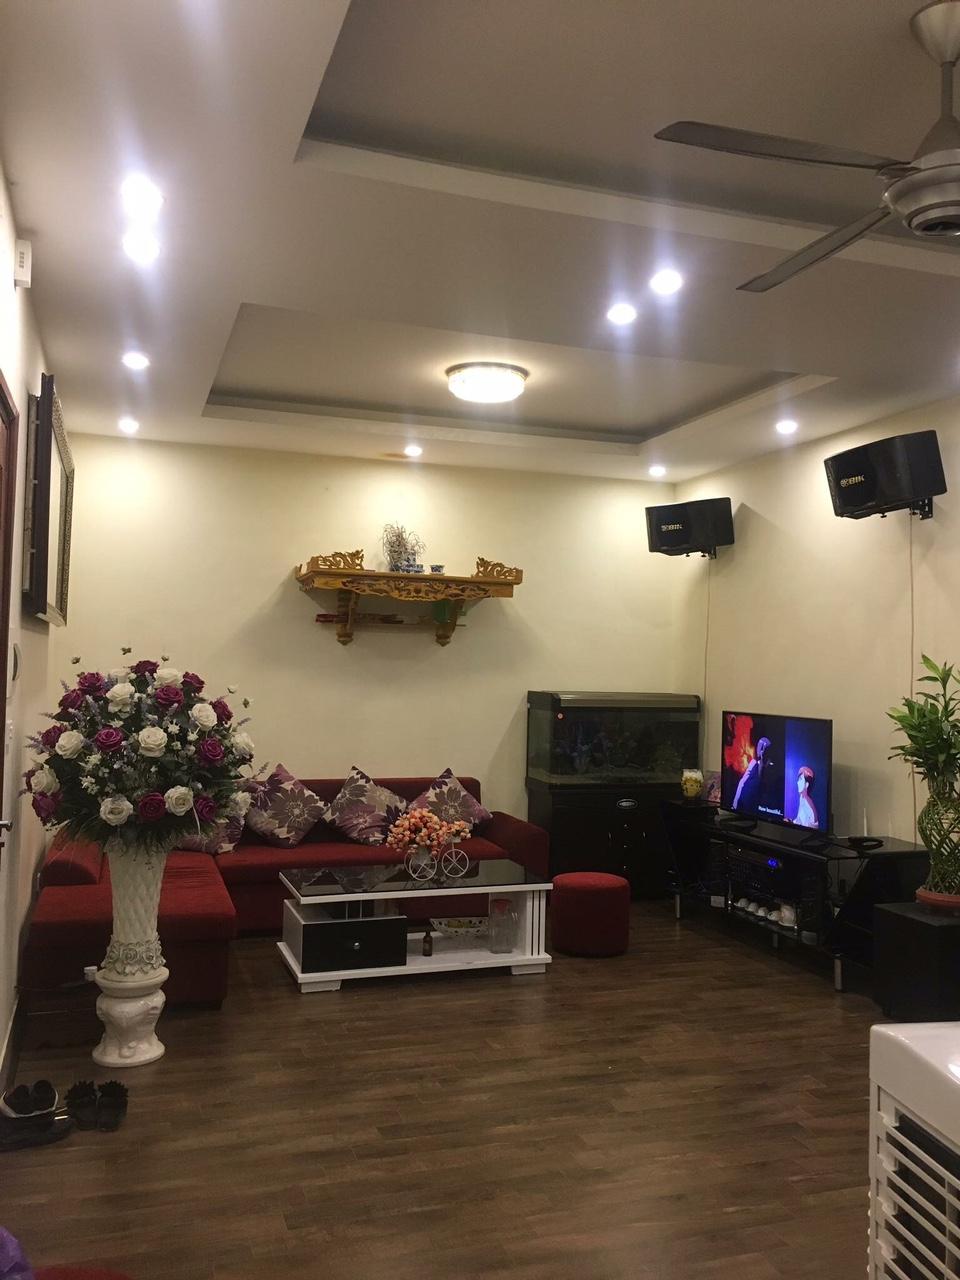 Cho thuê nhà Vĩnh Yên, Chung cư Vinaconex, Liên Bảo, Vĩnh Yên. LH:0869.300.999.